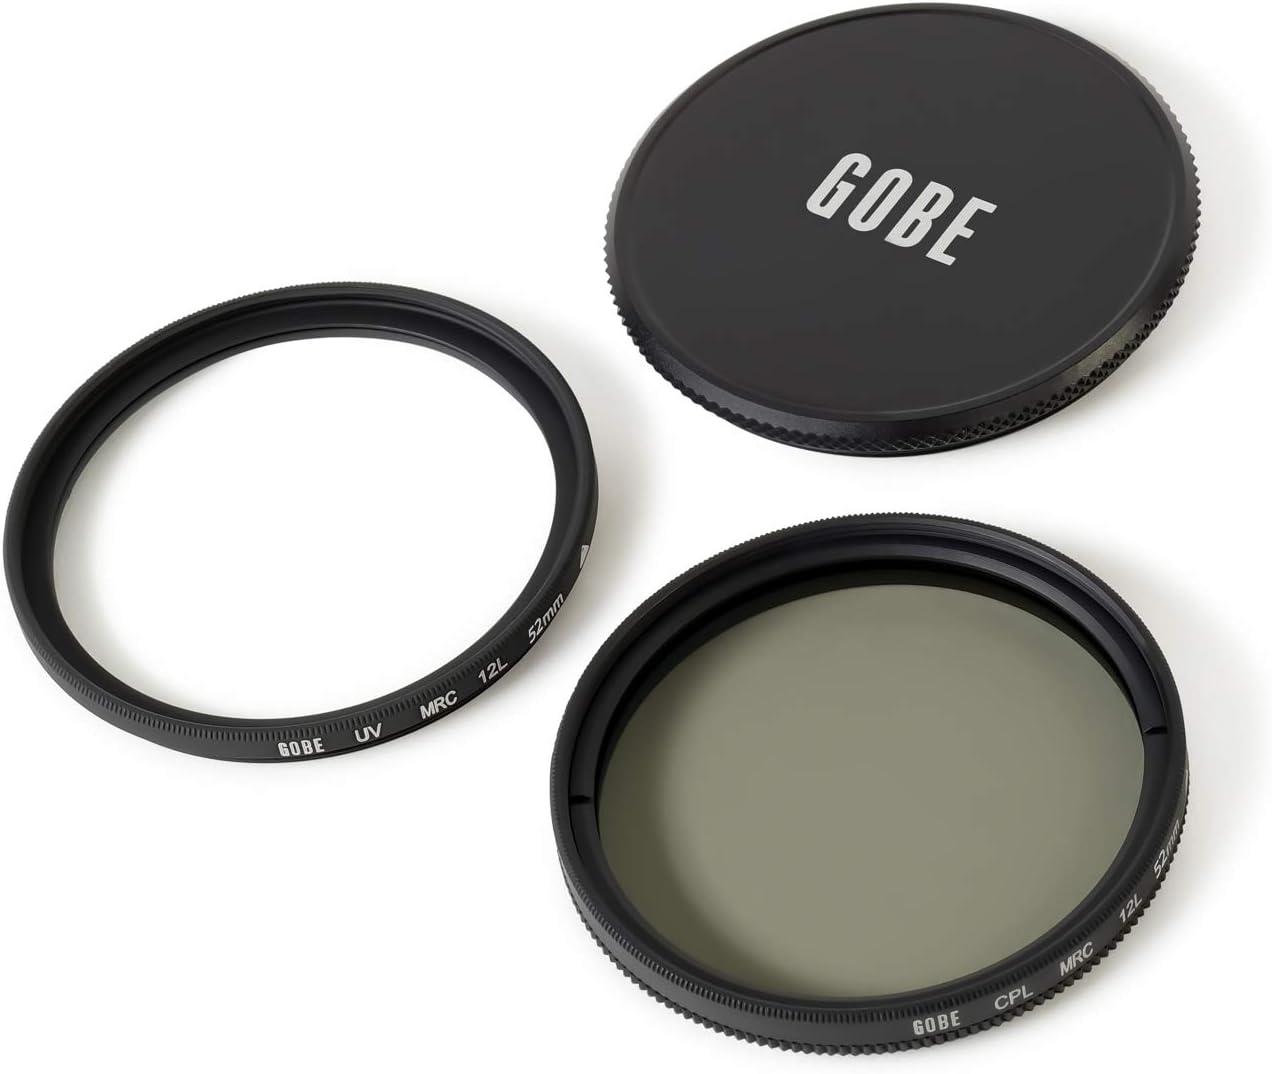 Gobe 86mm UV Lens Filter 1Peak